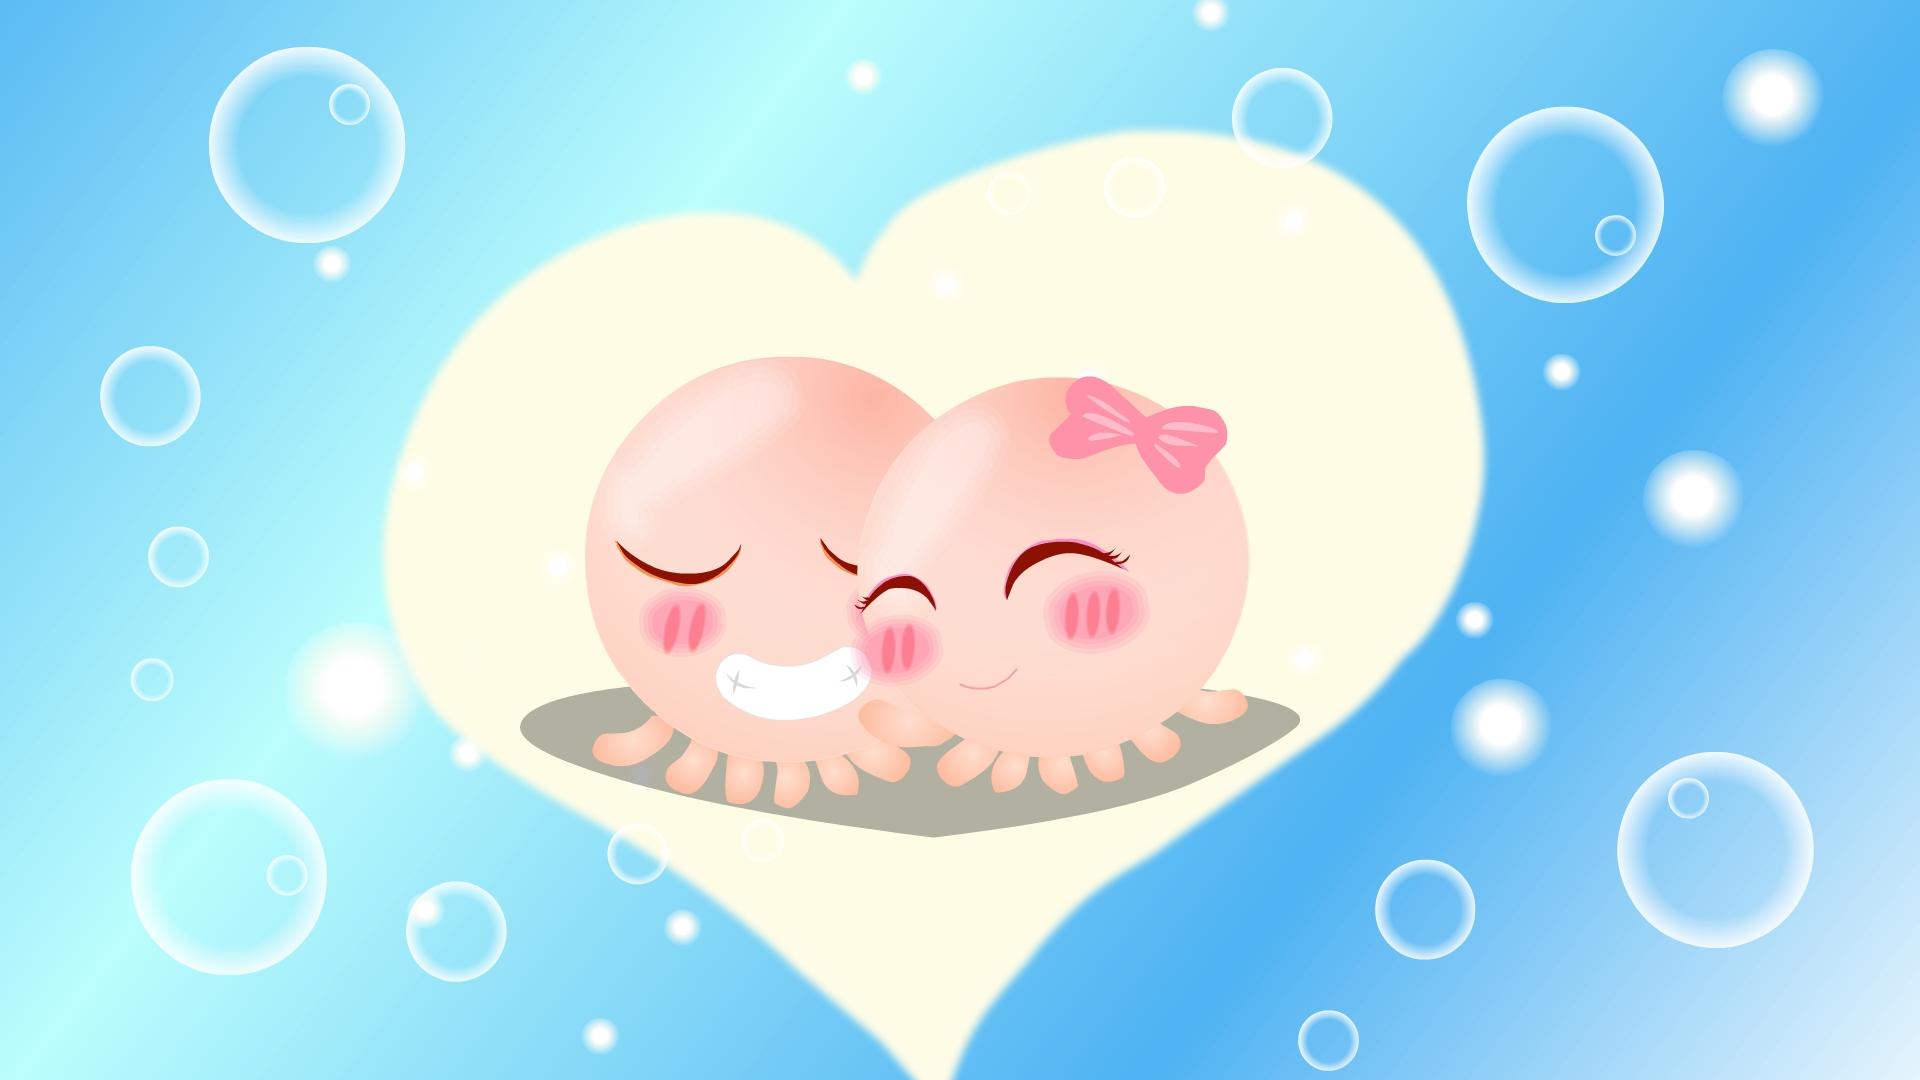 Hình ảnh tình yêu ngộ nghĩnh dễ thương